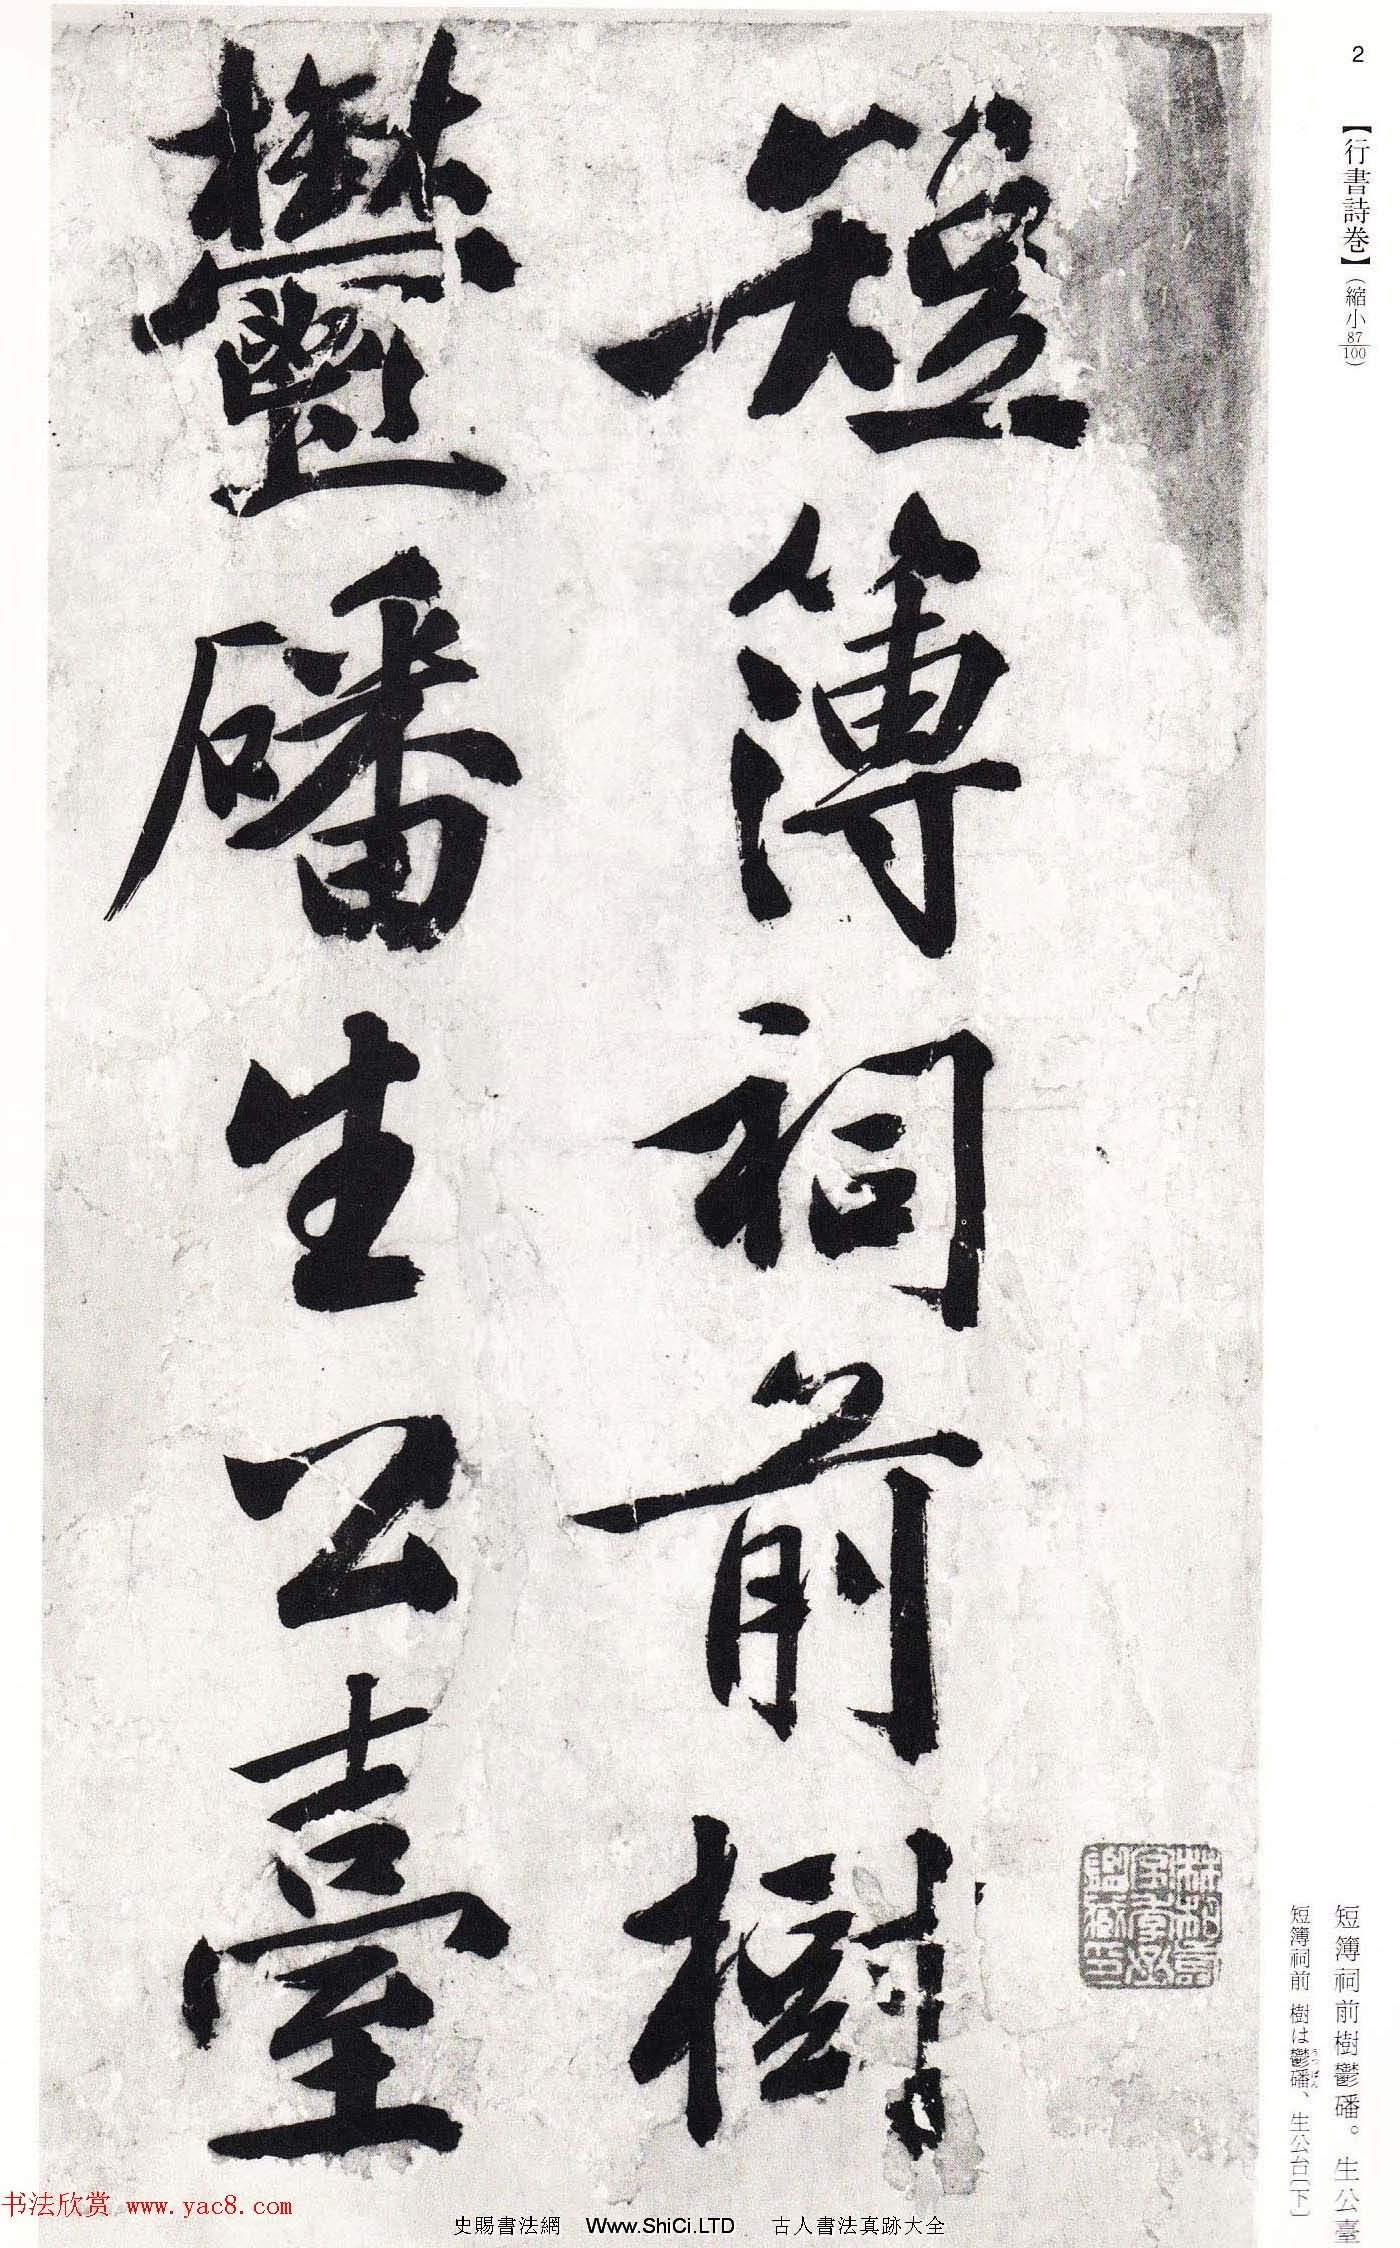 文徵明行書詩卷真跡欣賞二玄社版高清大圖(共24張圖片)